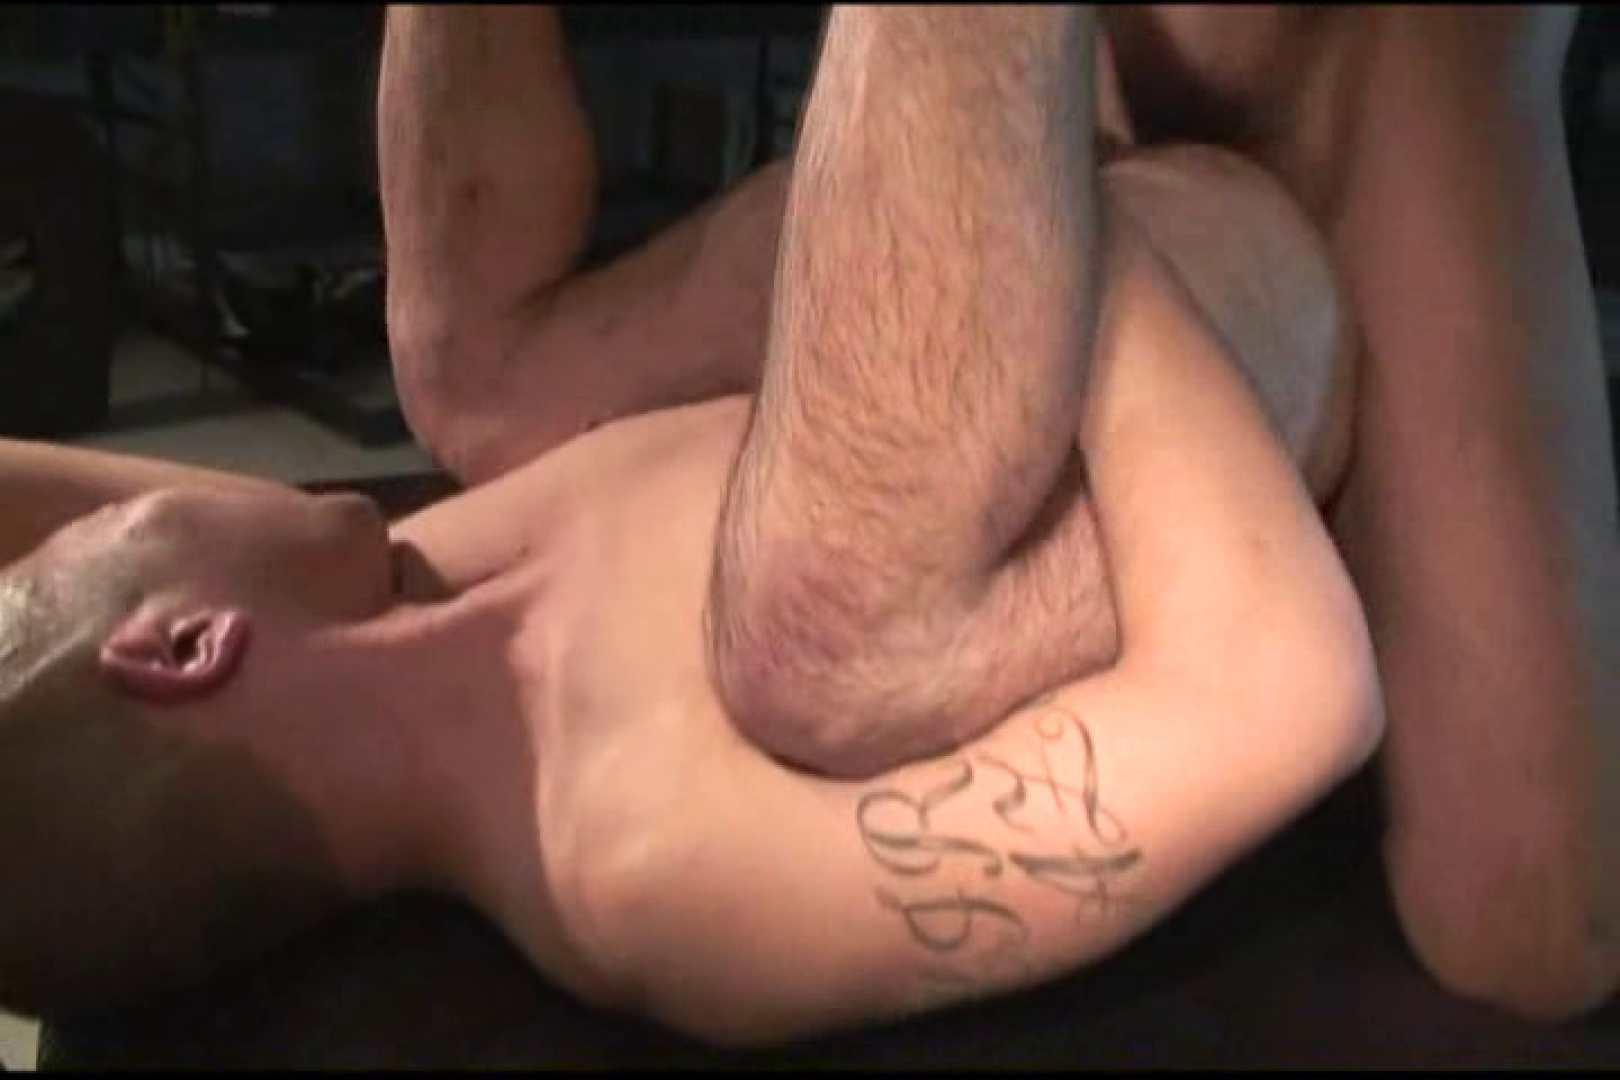 亀田興毅似なボクサーが乳首を弄られ感じる姿。 悶絶   完全無修正でお届け  106pic 89